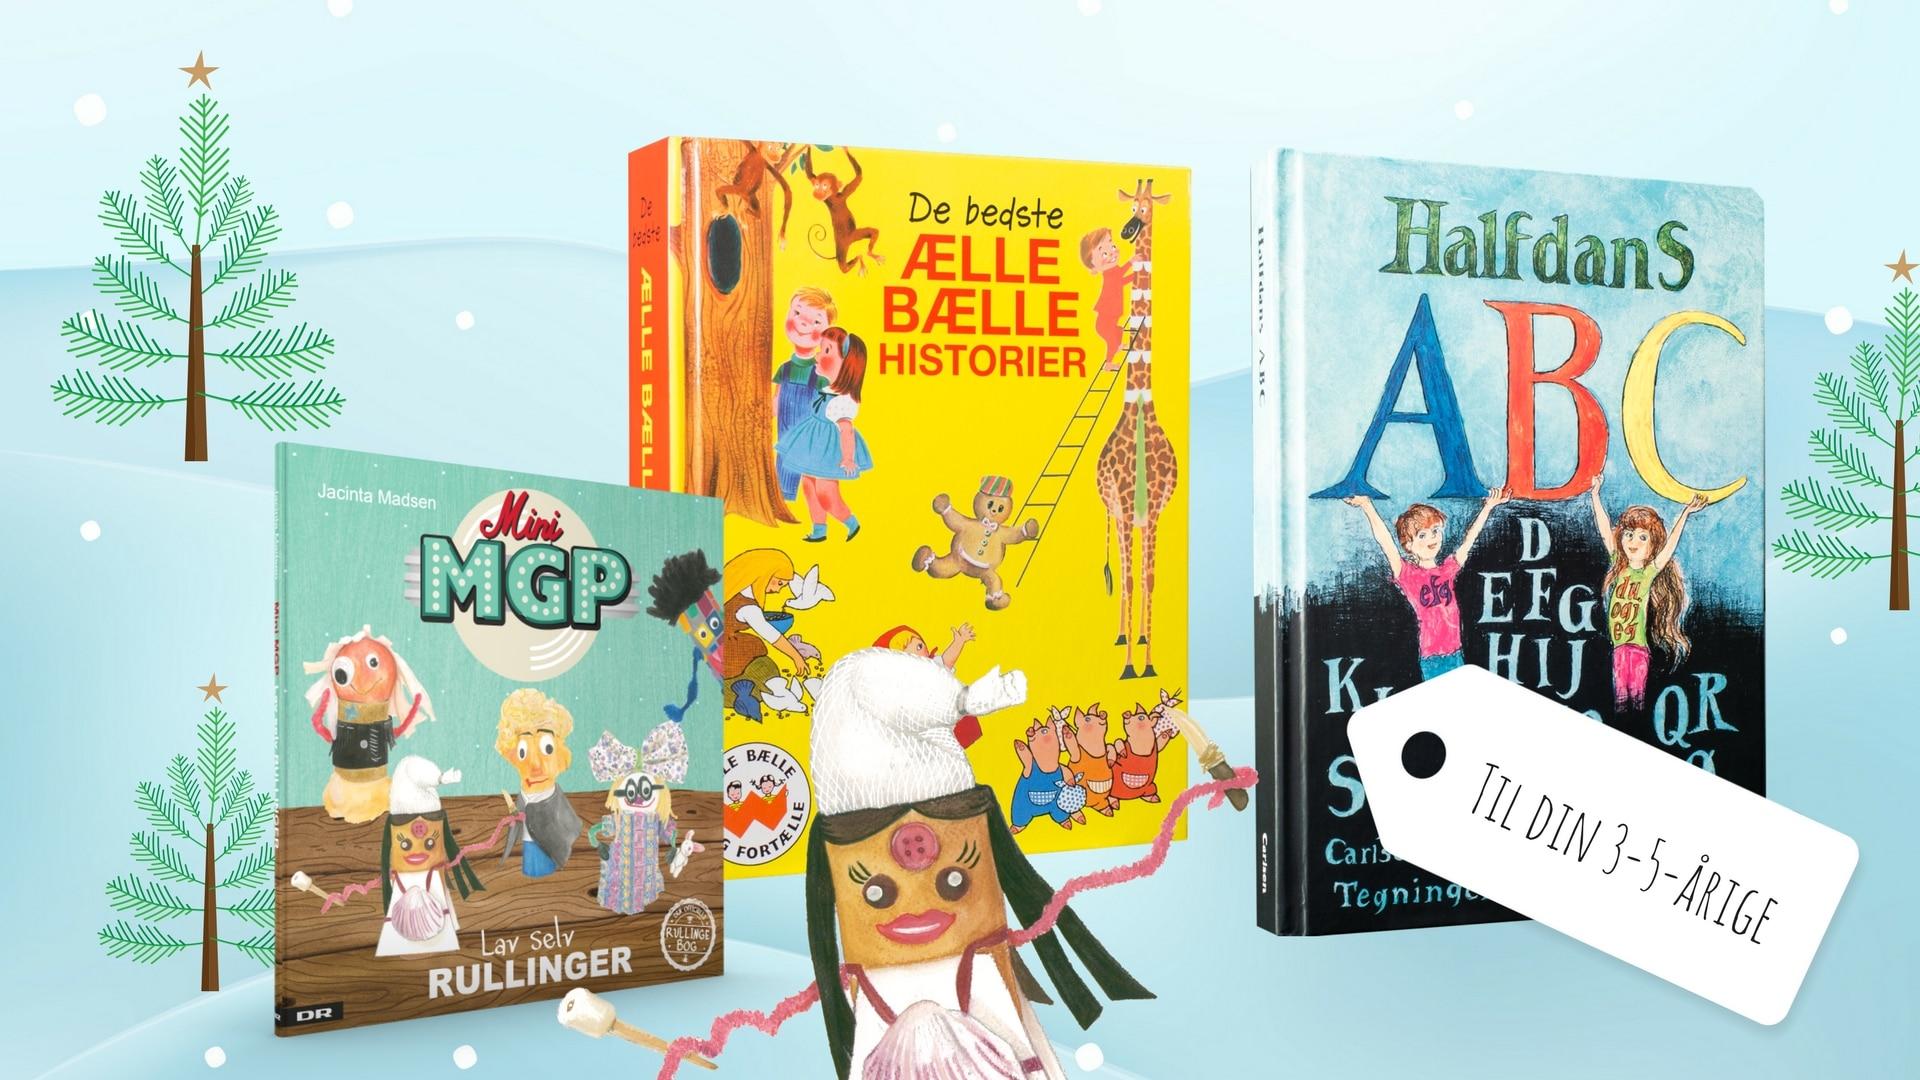 julegaver, julegave, papbøger, højtlæsning, børnebøger, børnebog, gavebøger, bøger til 3-5-årige